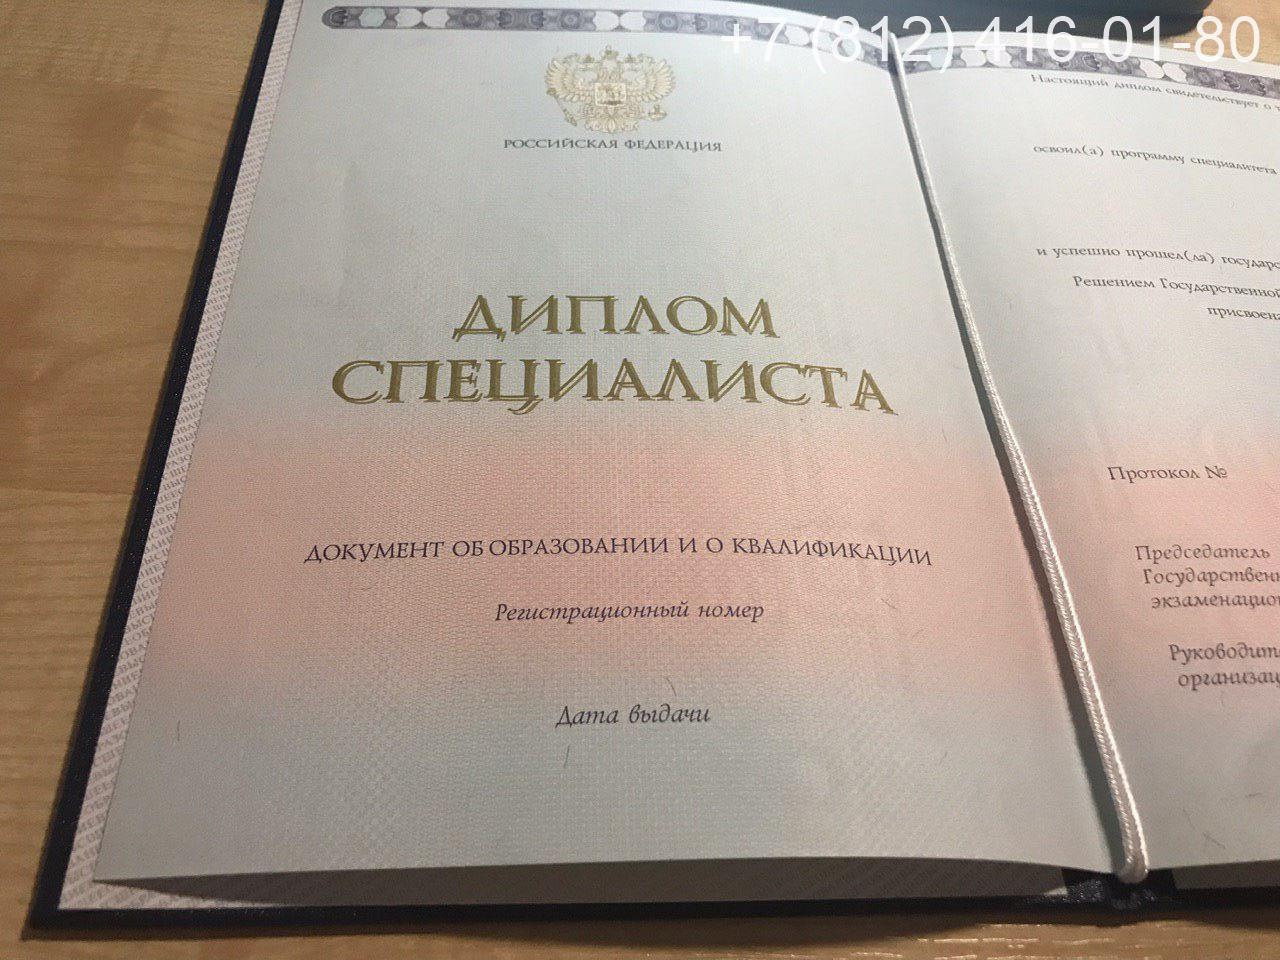 Диплом специалиста 2014-2020 годов, нового образца